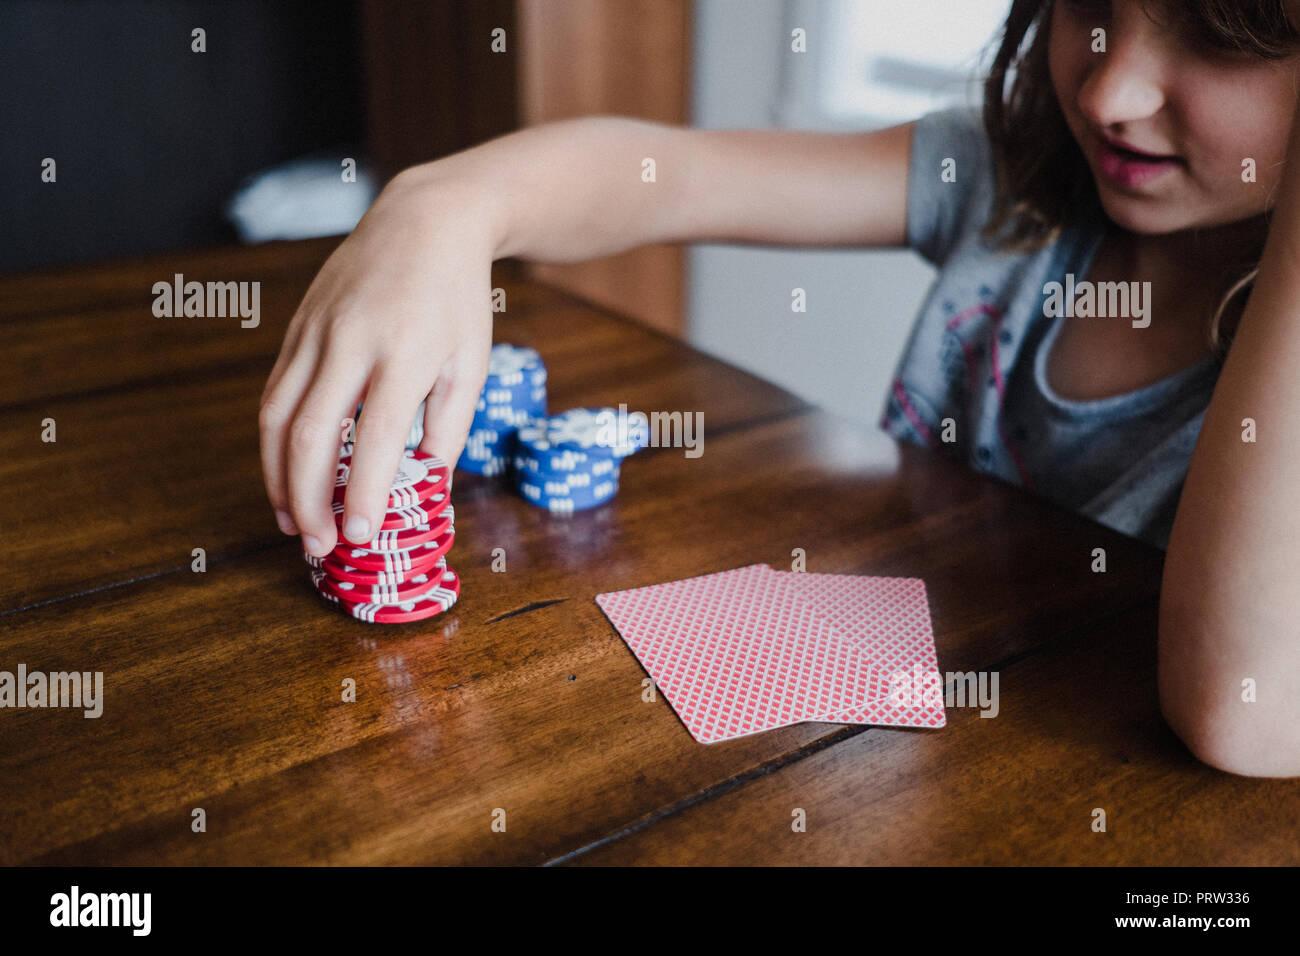 Cartes de jeu de fille à table, l'empilement des jetons, Close up Photo Stock